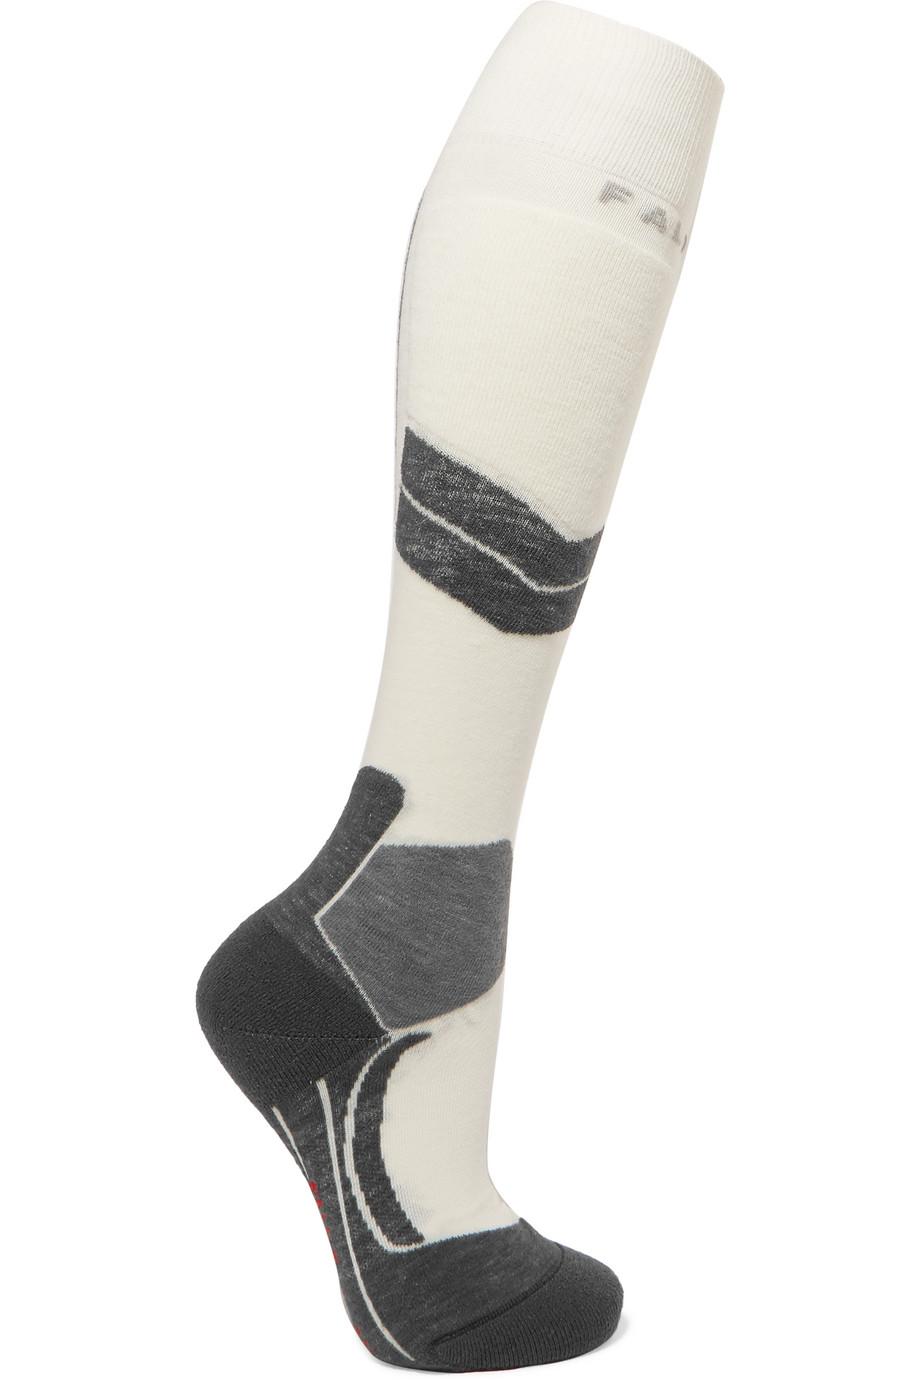 FALKE Ergonomic Sport System SK4 Skisocken aus einer Wollmischung